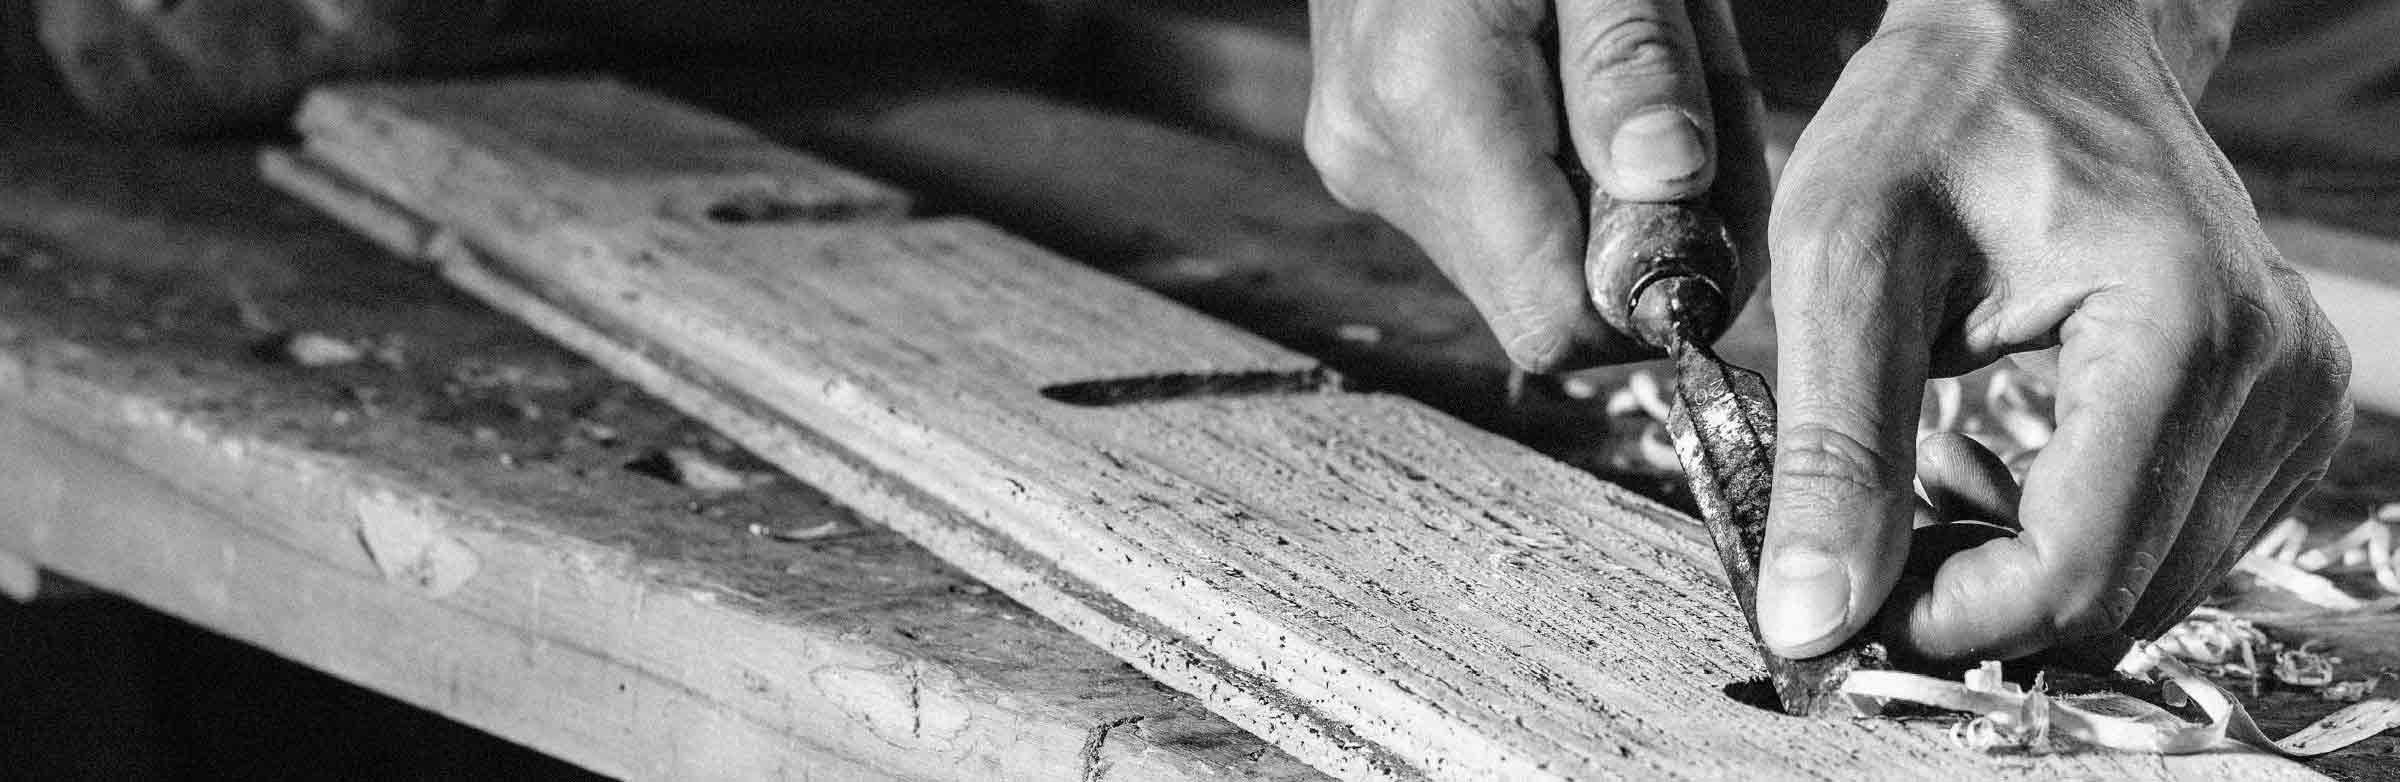 Slide_Wood-tailleurs-1